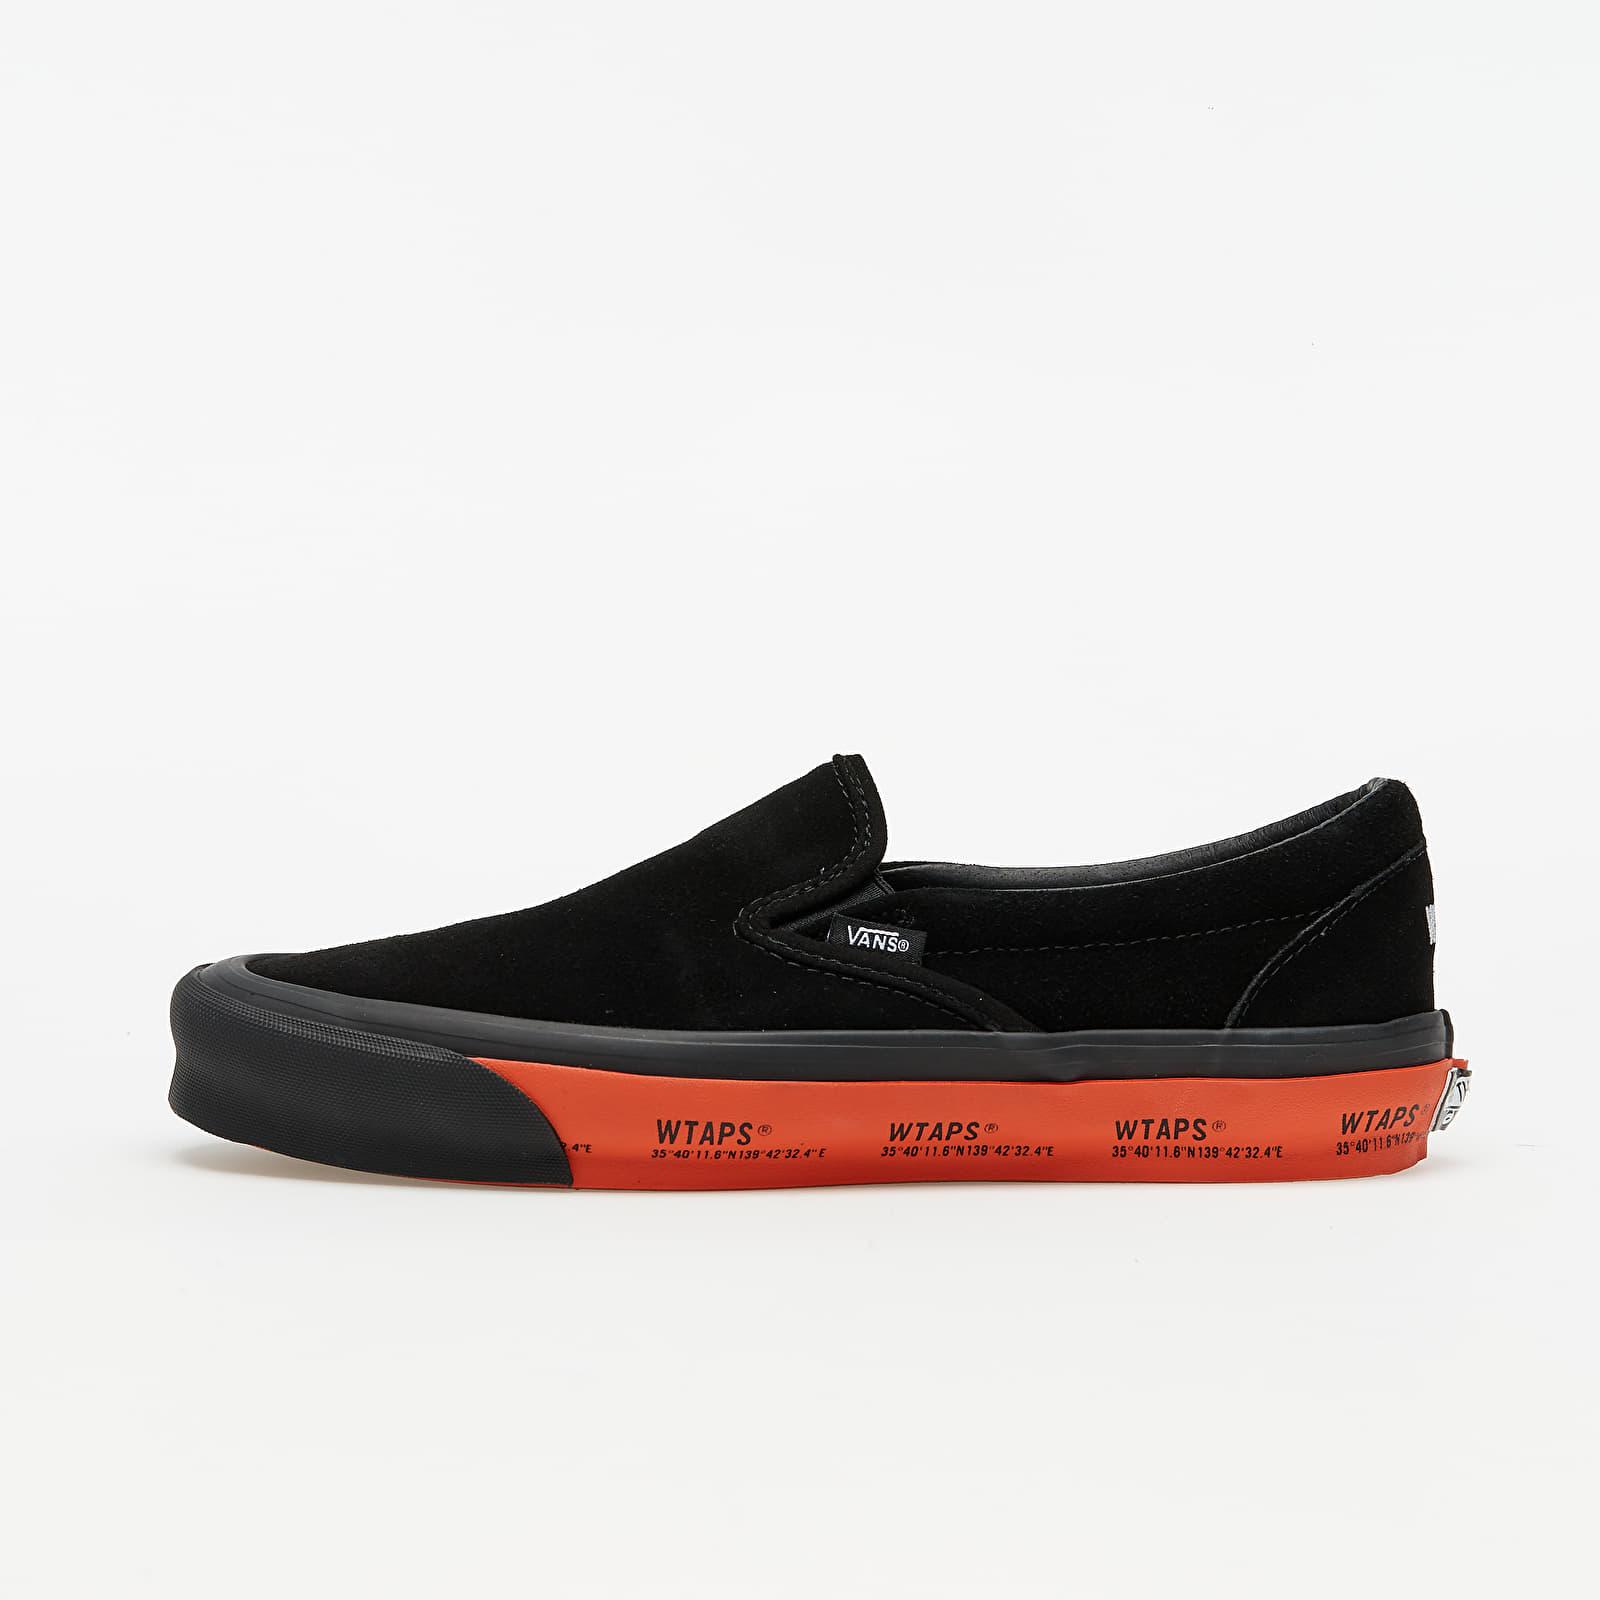 Vans OG Classic Slip-On (Wtaps) Gps/ Black EUR 35